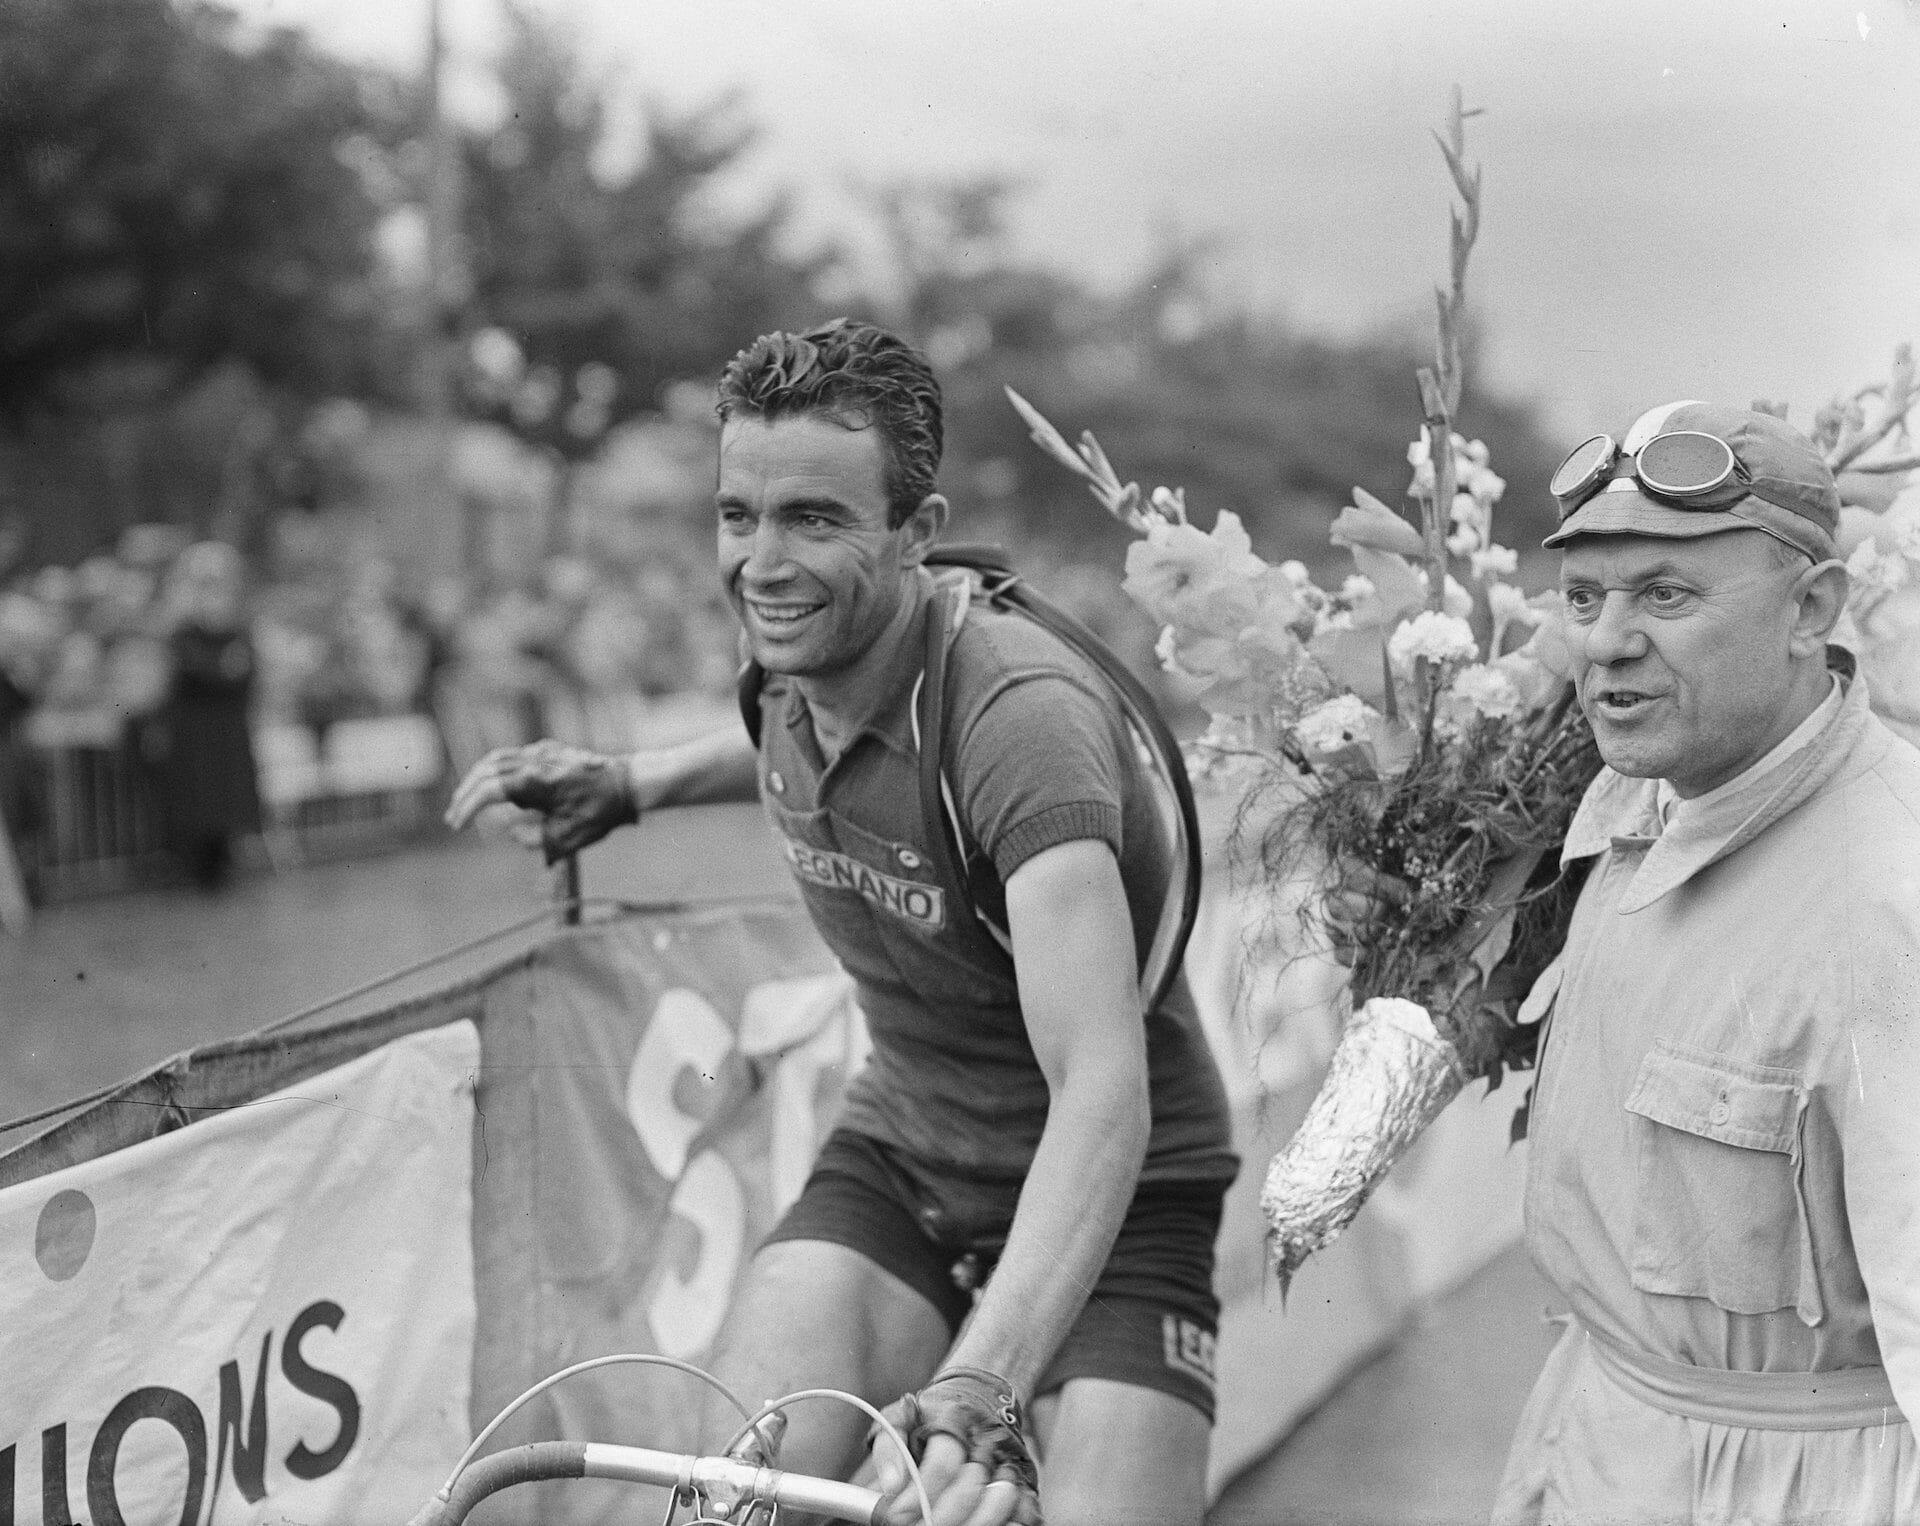 Le Tour de France et ses rites quotidiens depuis plus de 100 ans.